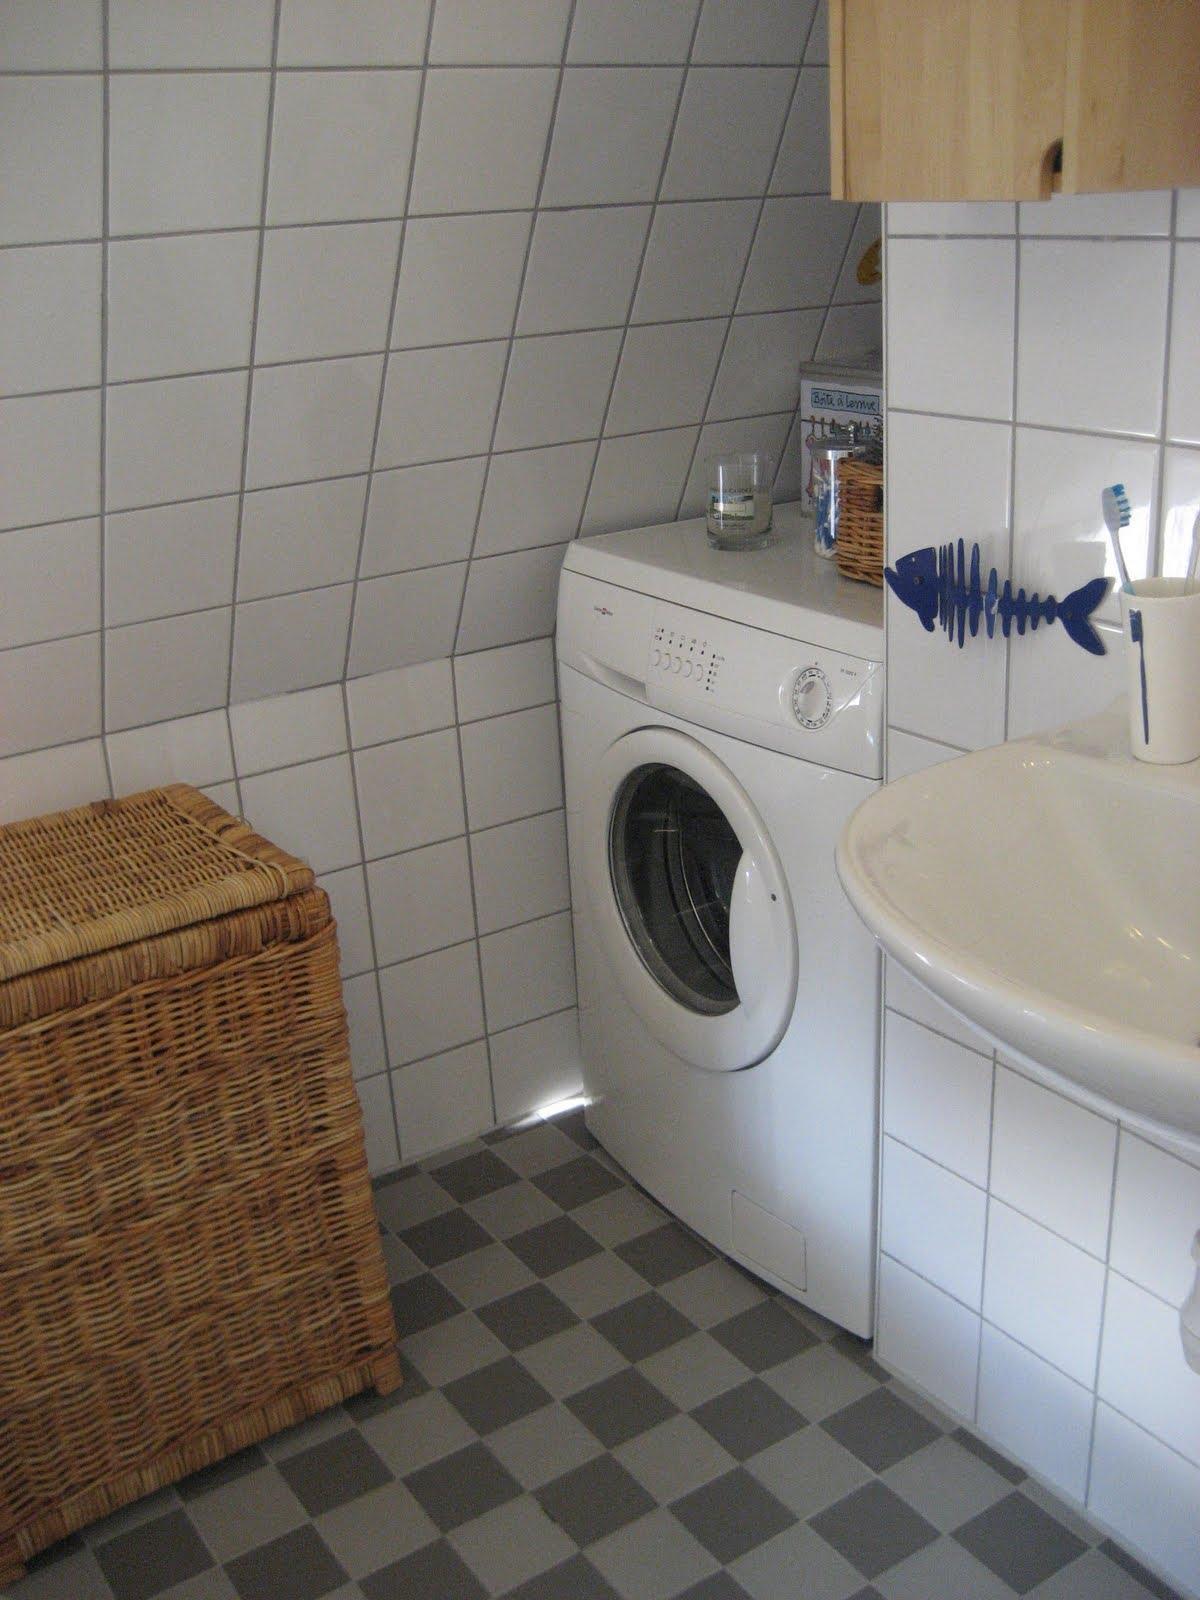 Hemma på kråkered: tisdagstema: badrum!